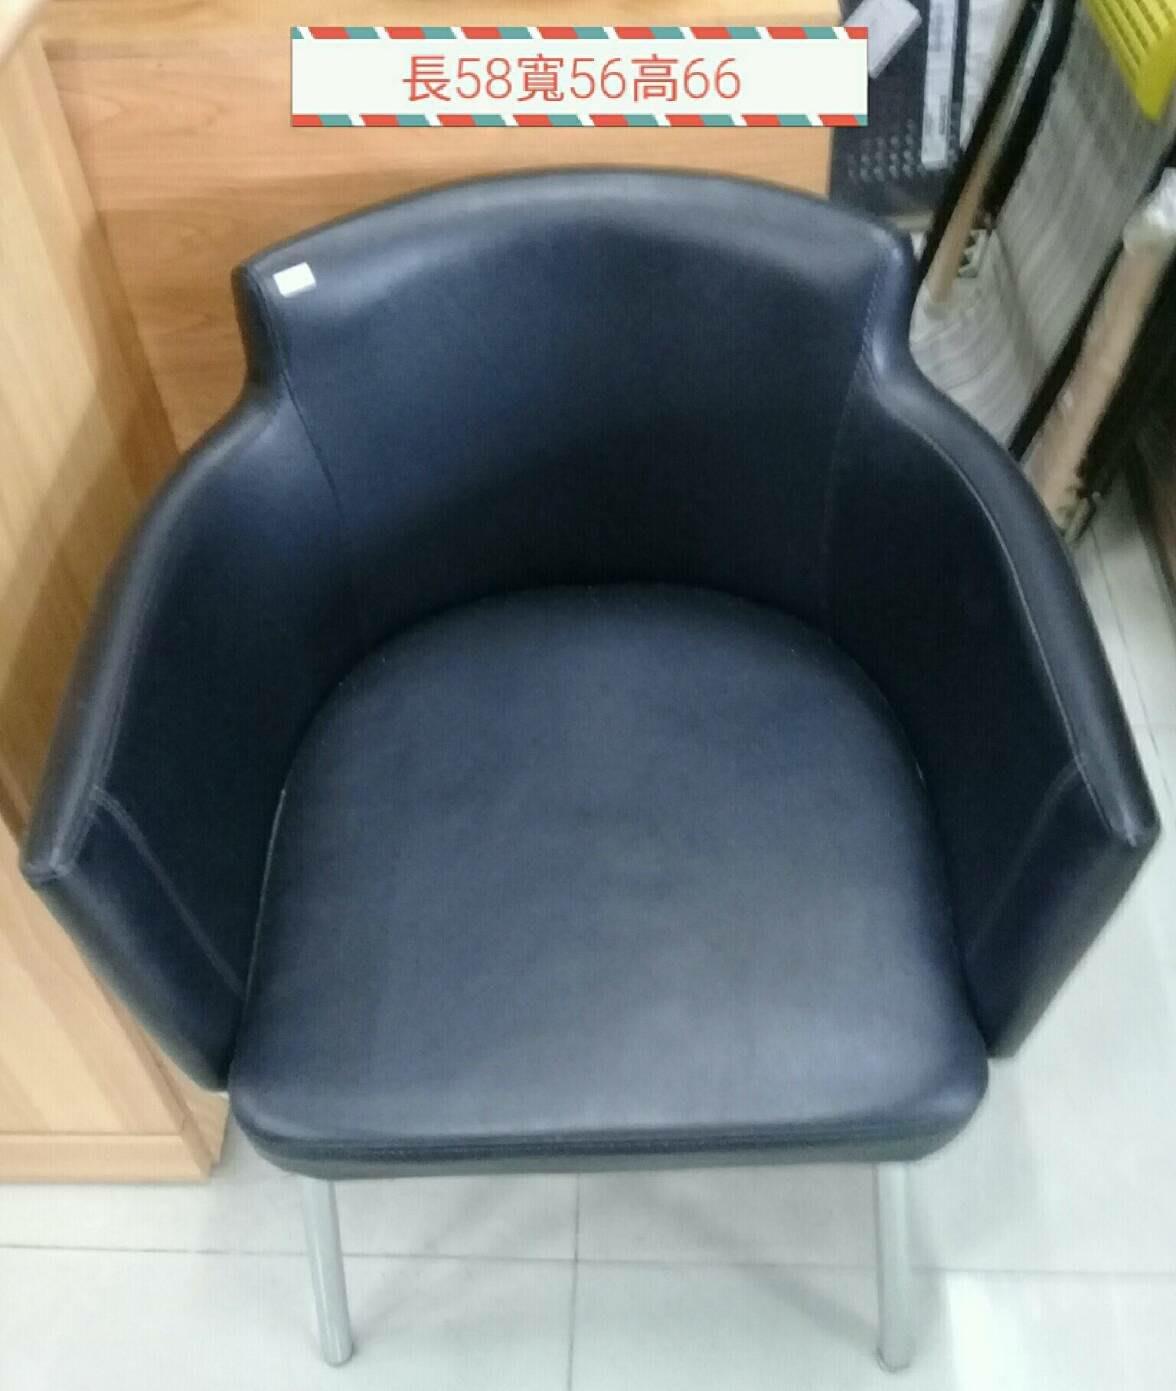 新竹二手家具 買賣 總店來來 單人 1人 皮 沙發椅~新竹市|竹北-新豐-竹南-頭份-2手-家電 買賣 櫥櫃-沙發-茶几-衣櫥-書櫃-床架-床墊-冰箱-洗衣機